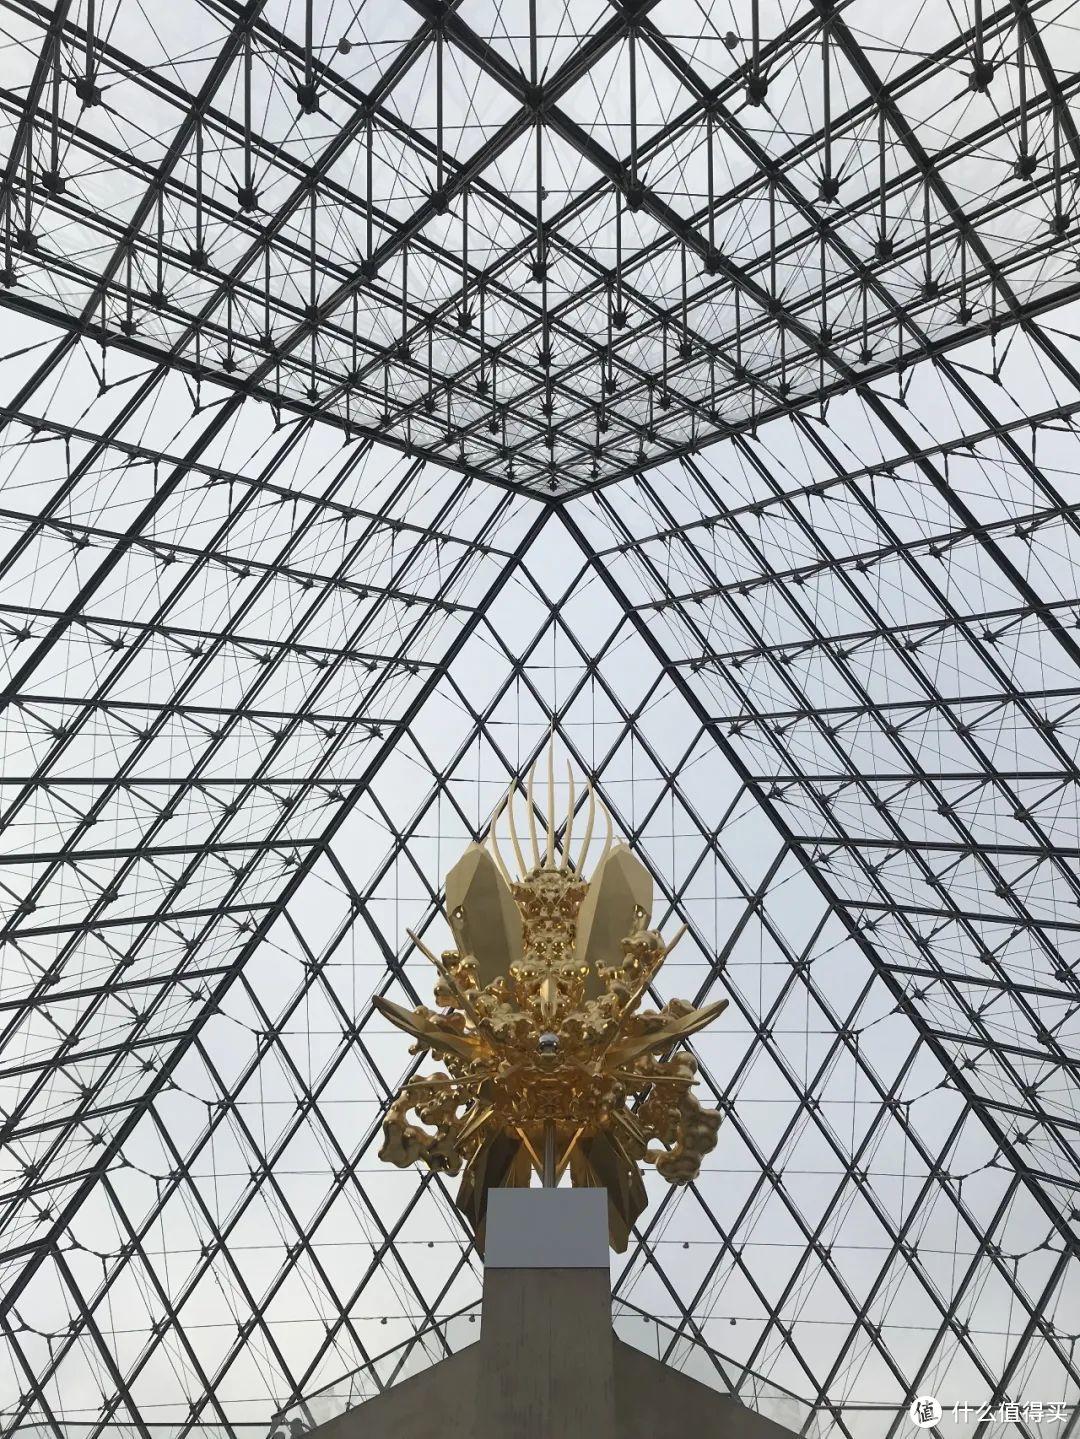 阿黄参观时在金字塔内部拍摄的图片